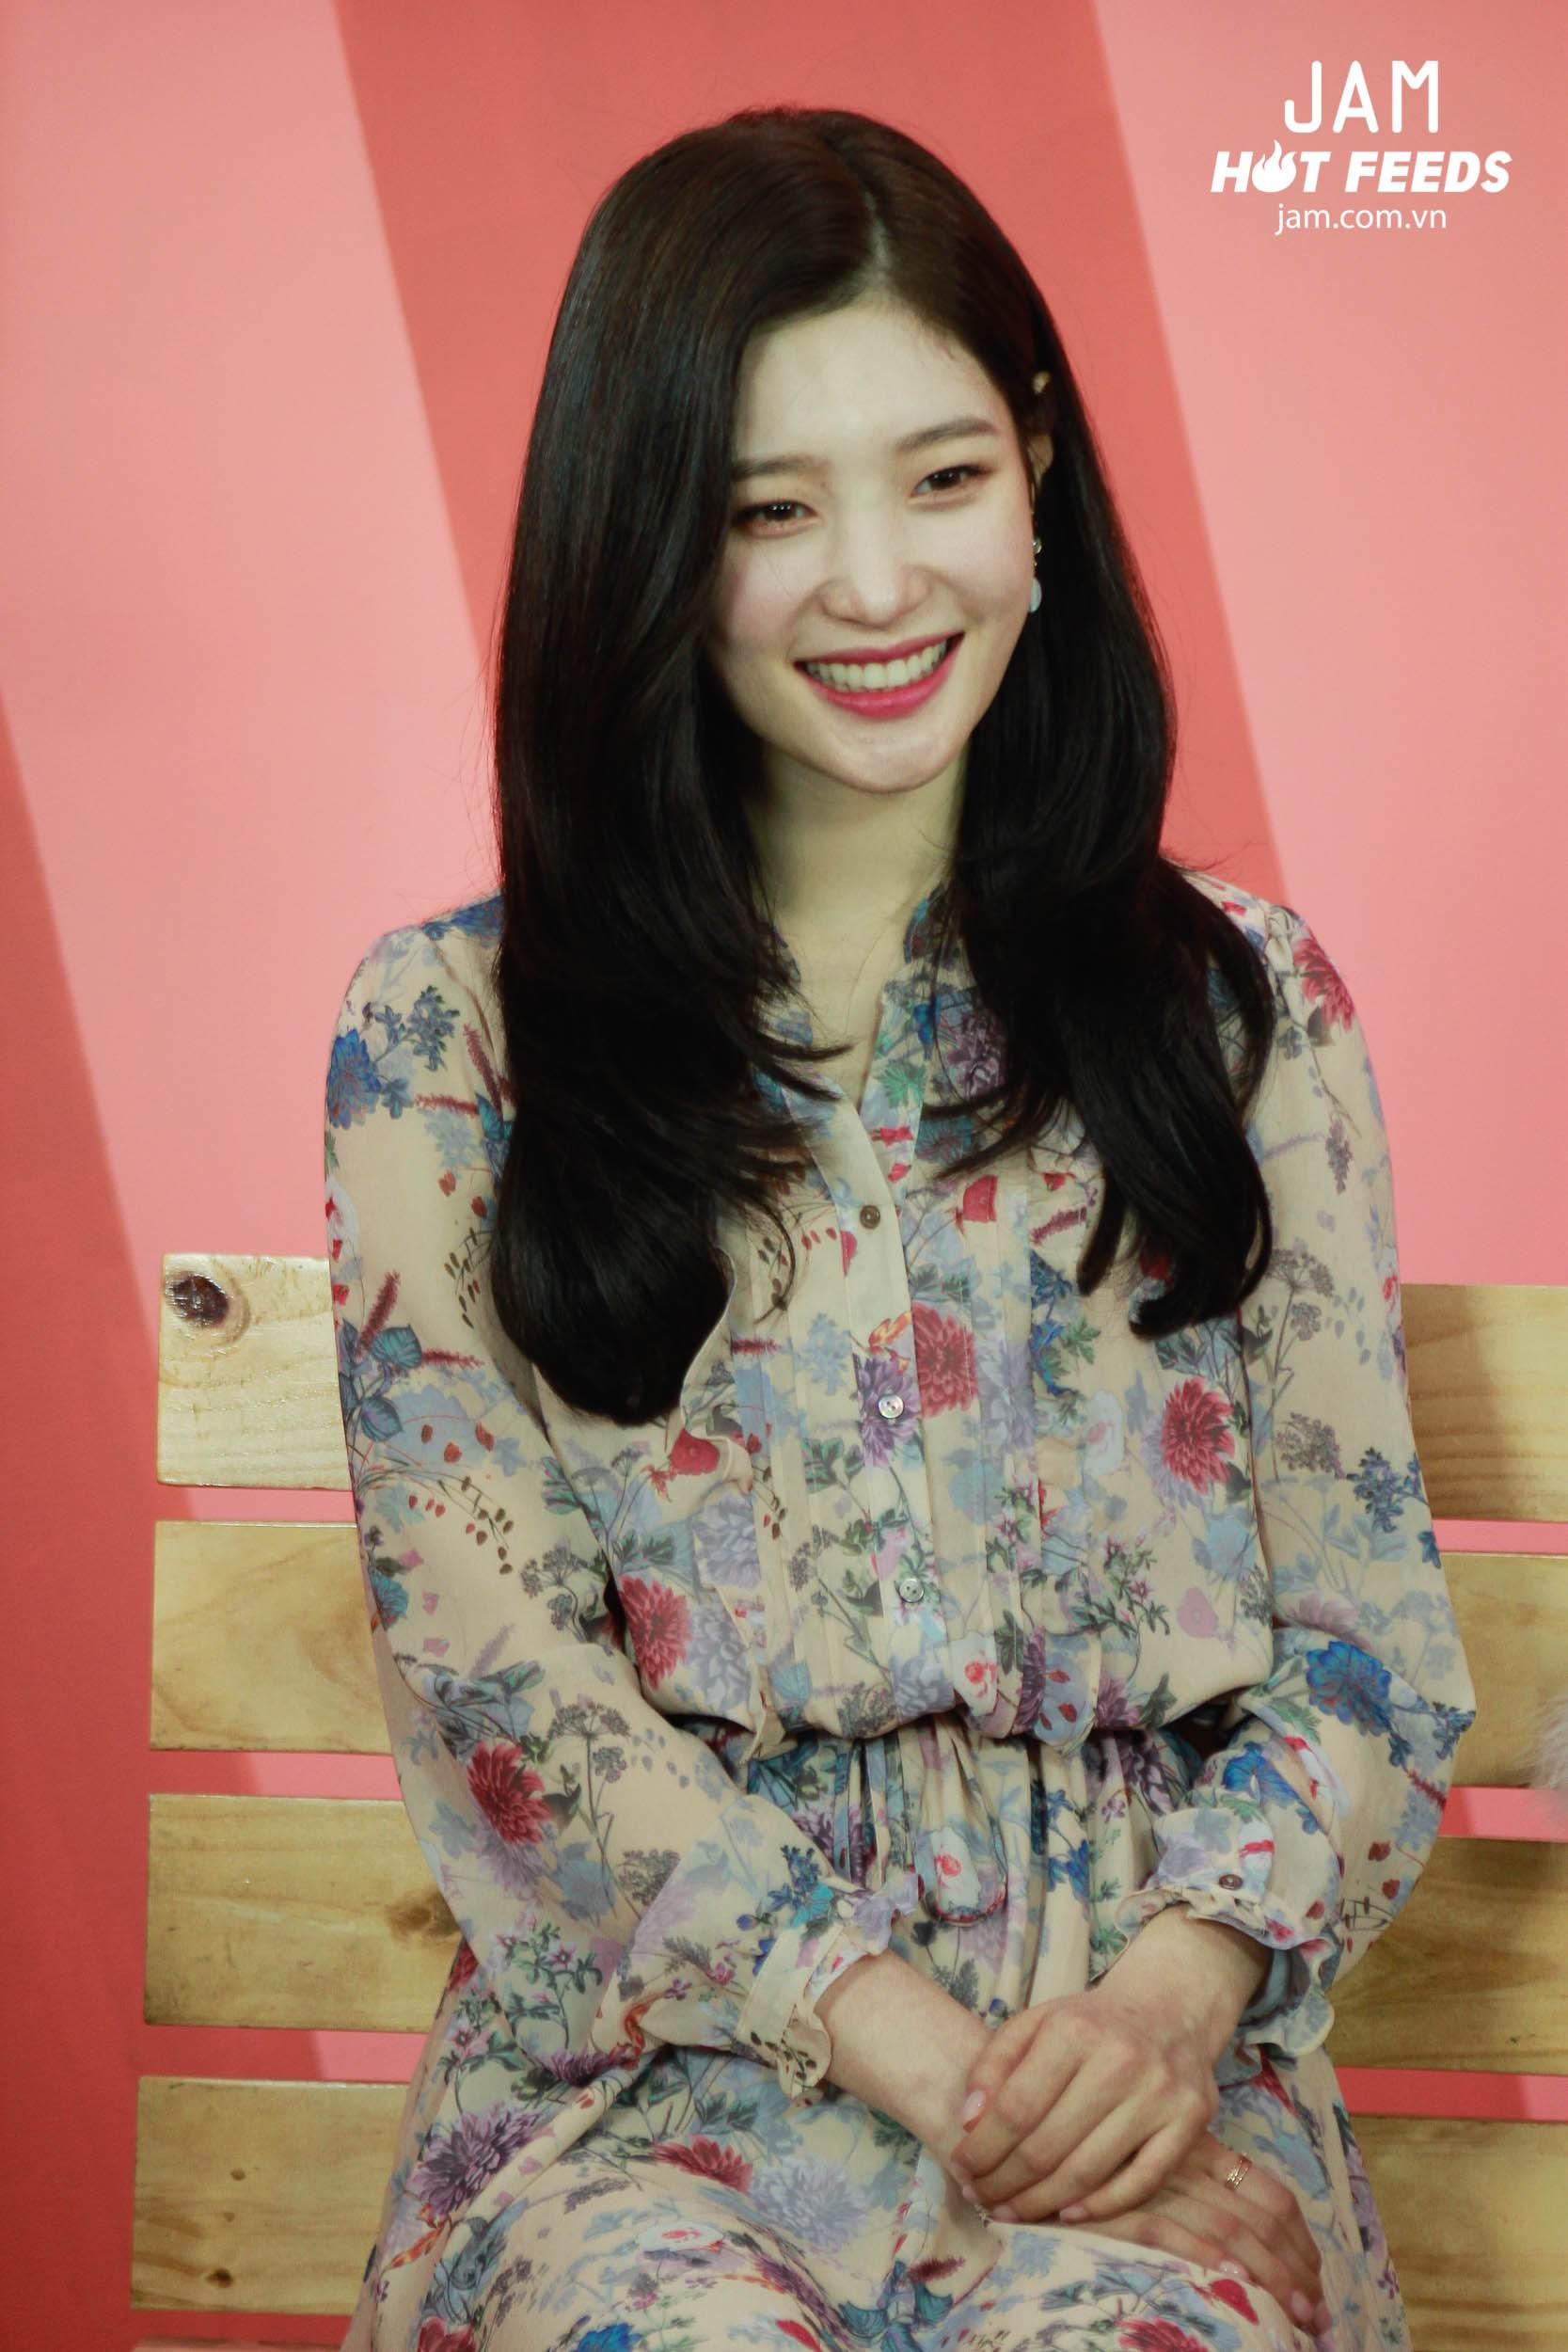 Xứng danh nữ thần thế hệ mới, Chae Yeon đẹp đến xiêu lòng trong bất kỳ khoảnh khắc nào! - Ảnh 1.